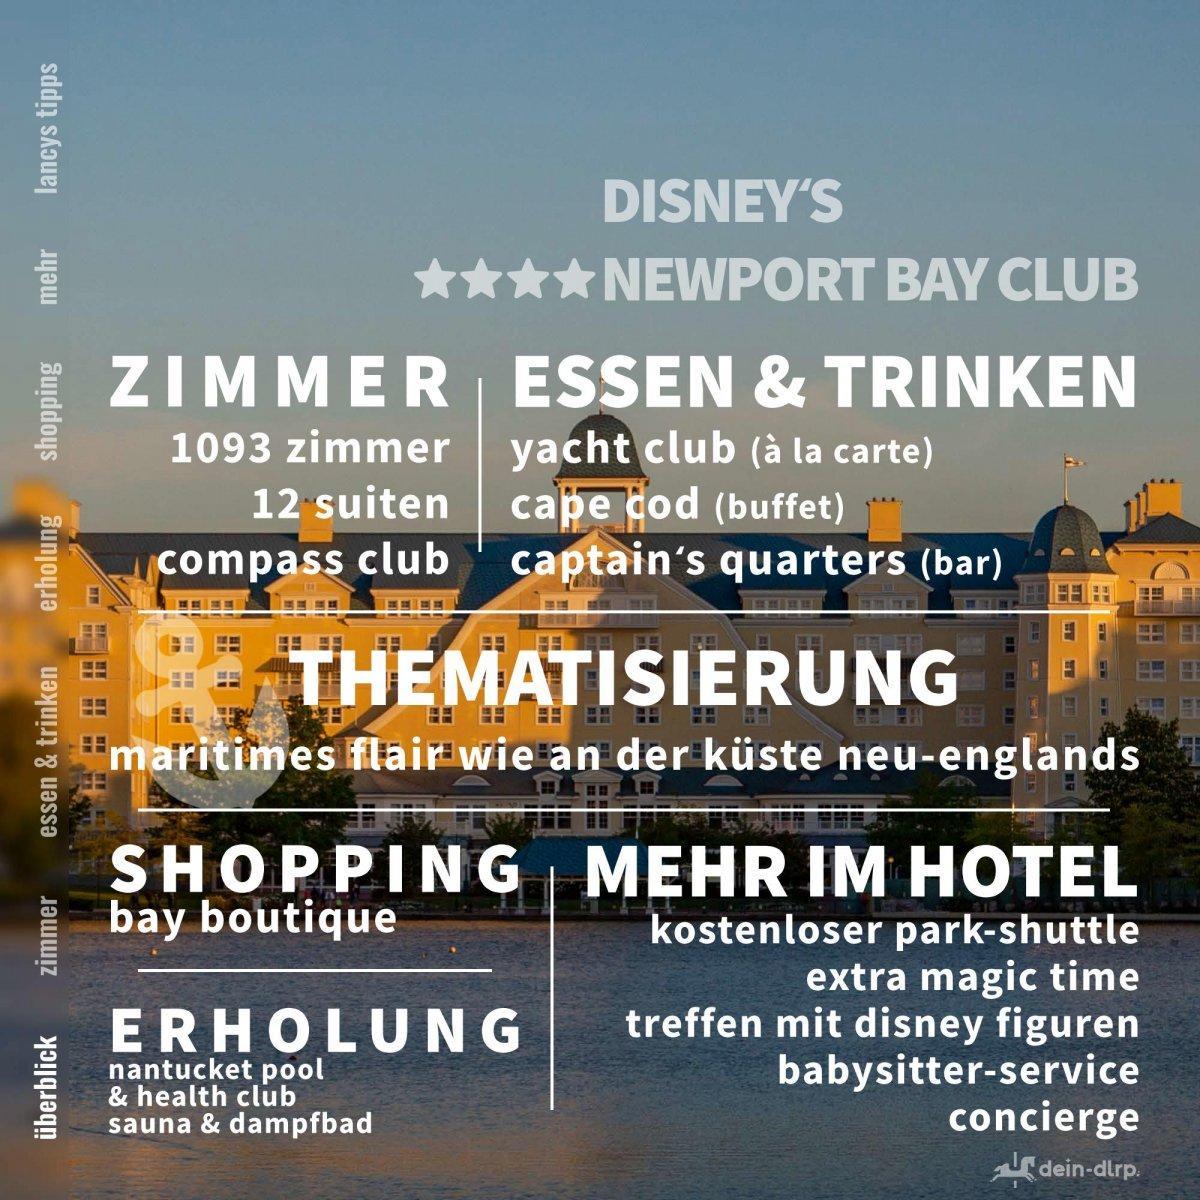 disneys-newport-bay-club-hotel-fuehrer_02.jpg